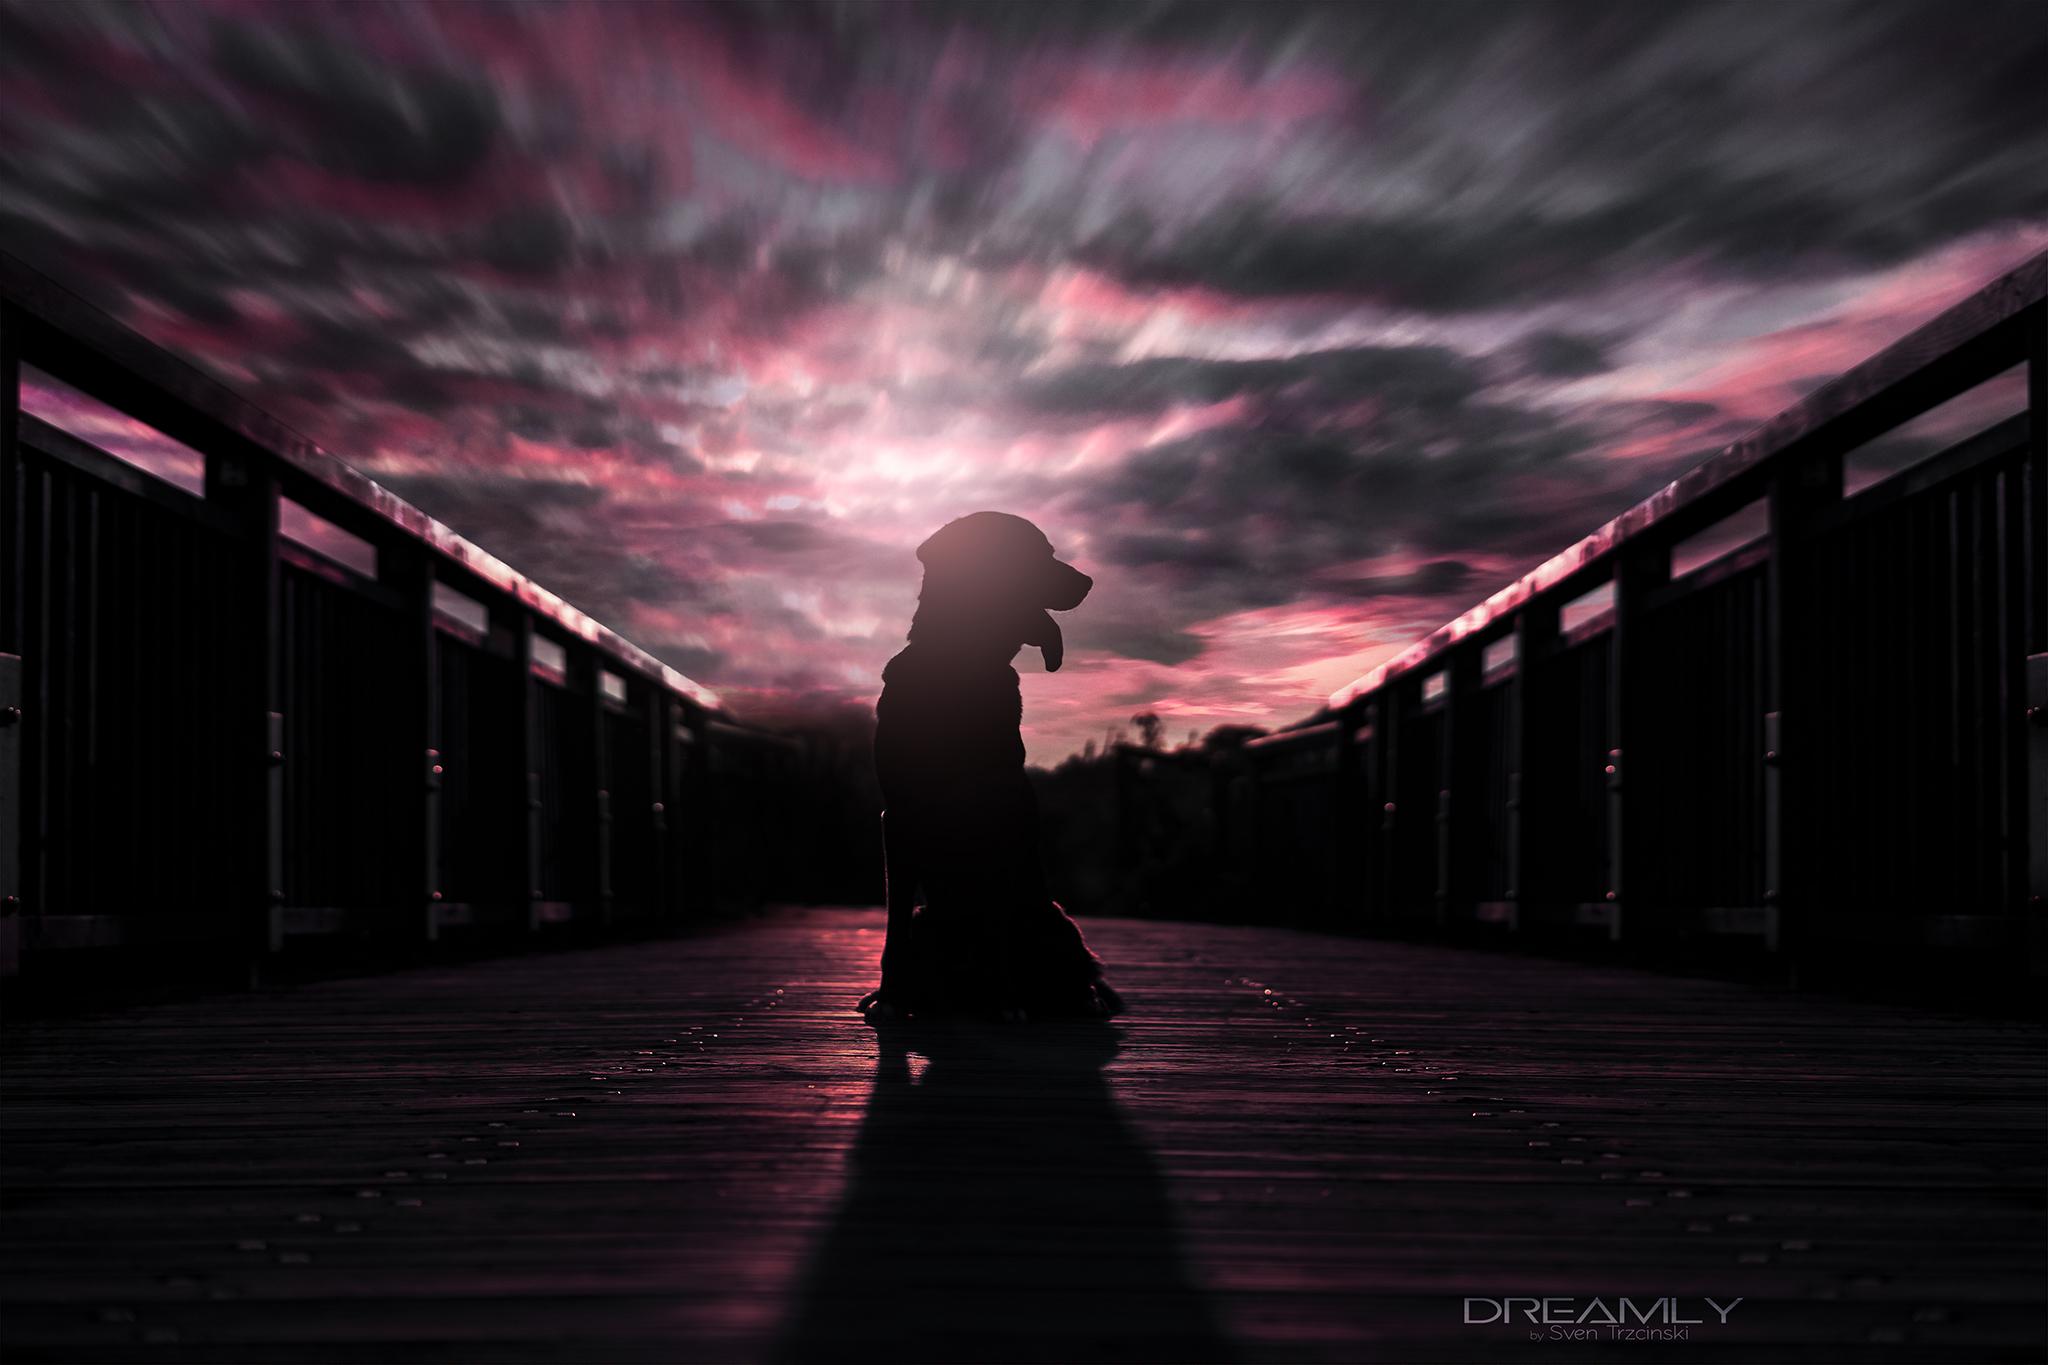 Ace-Bruecke-Gegenlicht- Wolken Dramattik 2048p